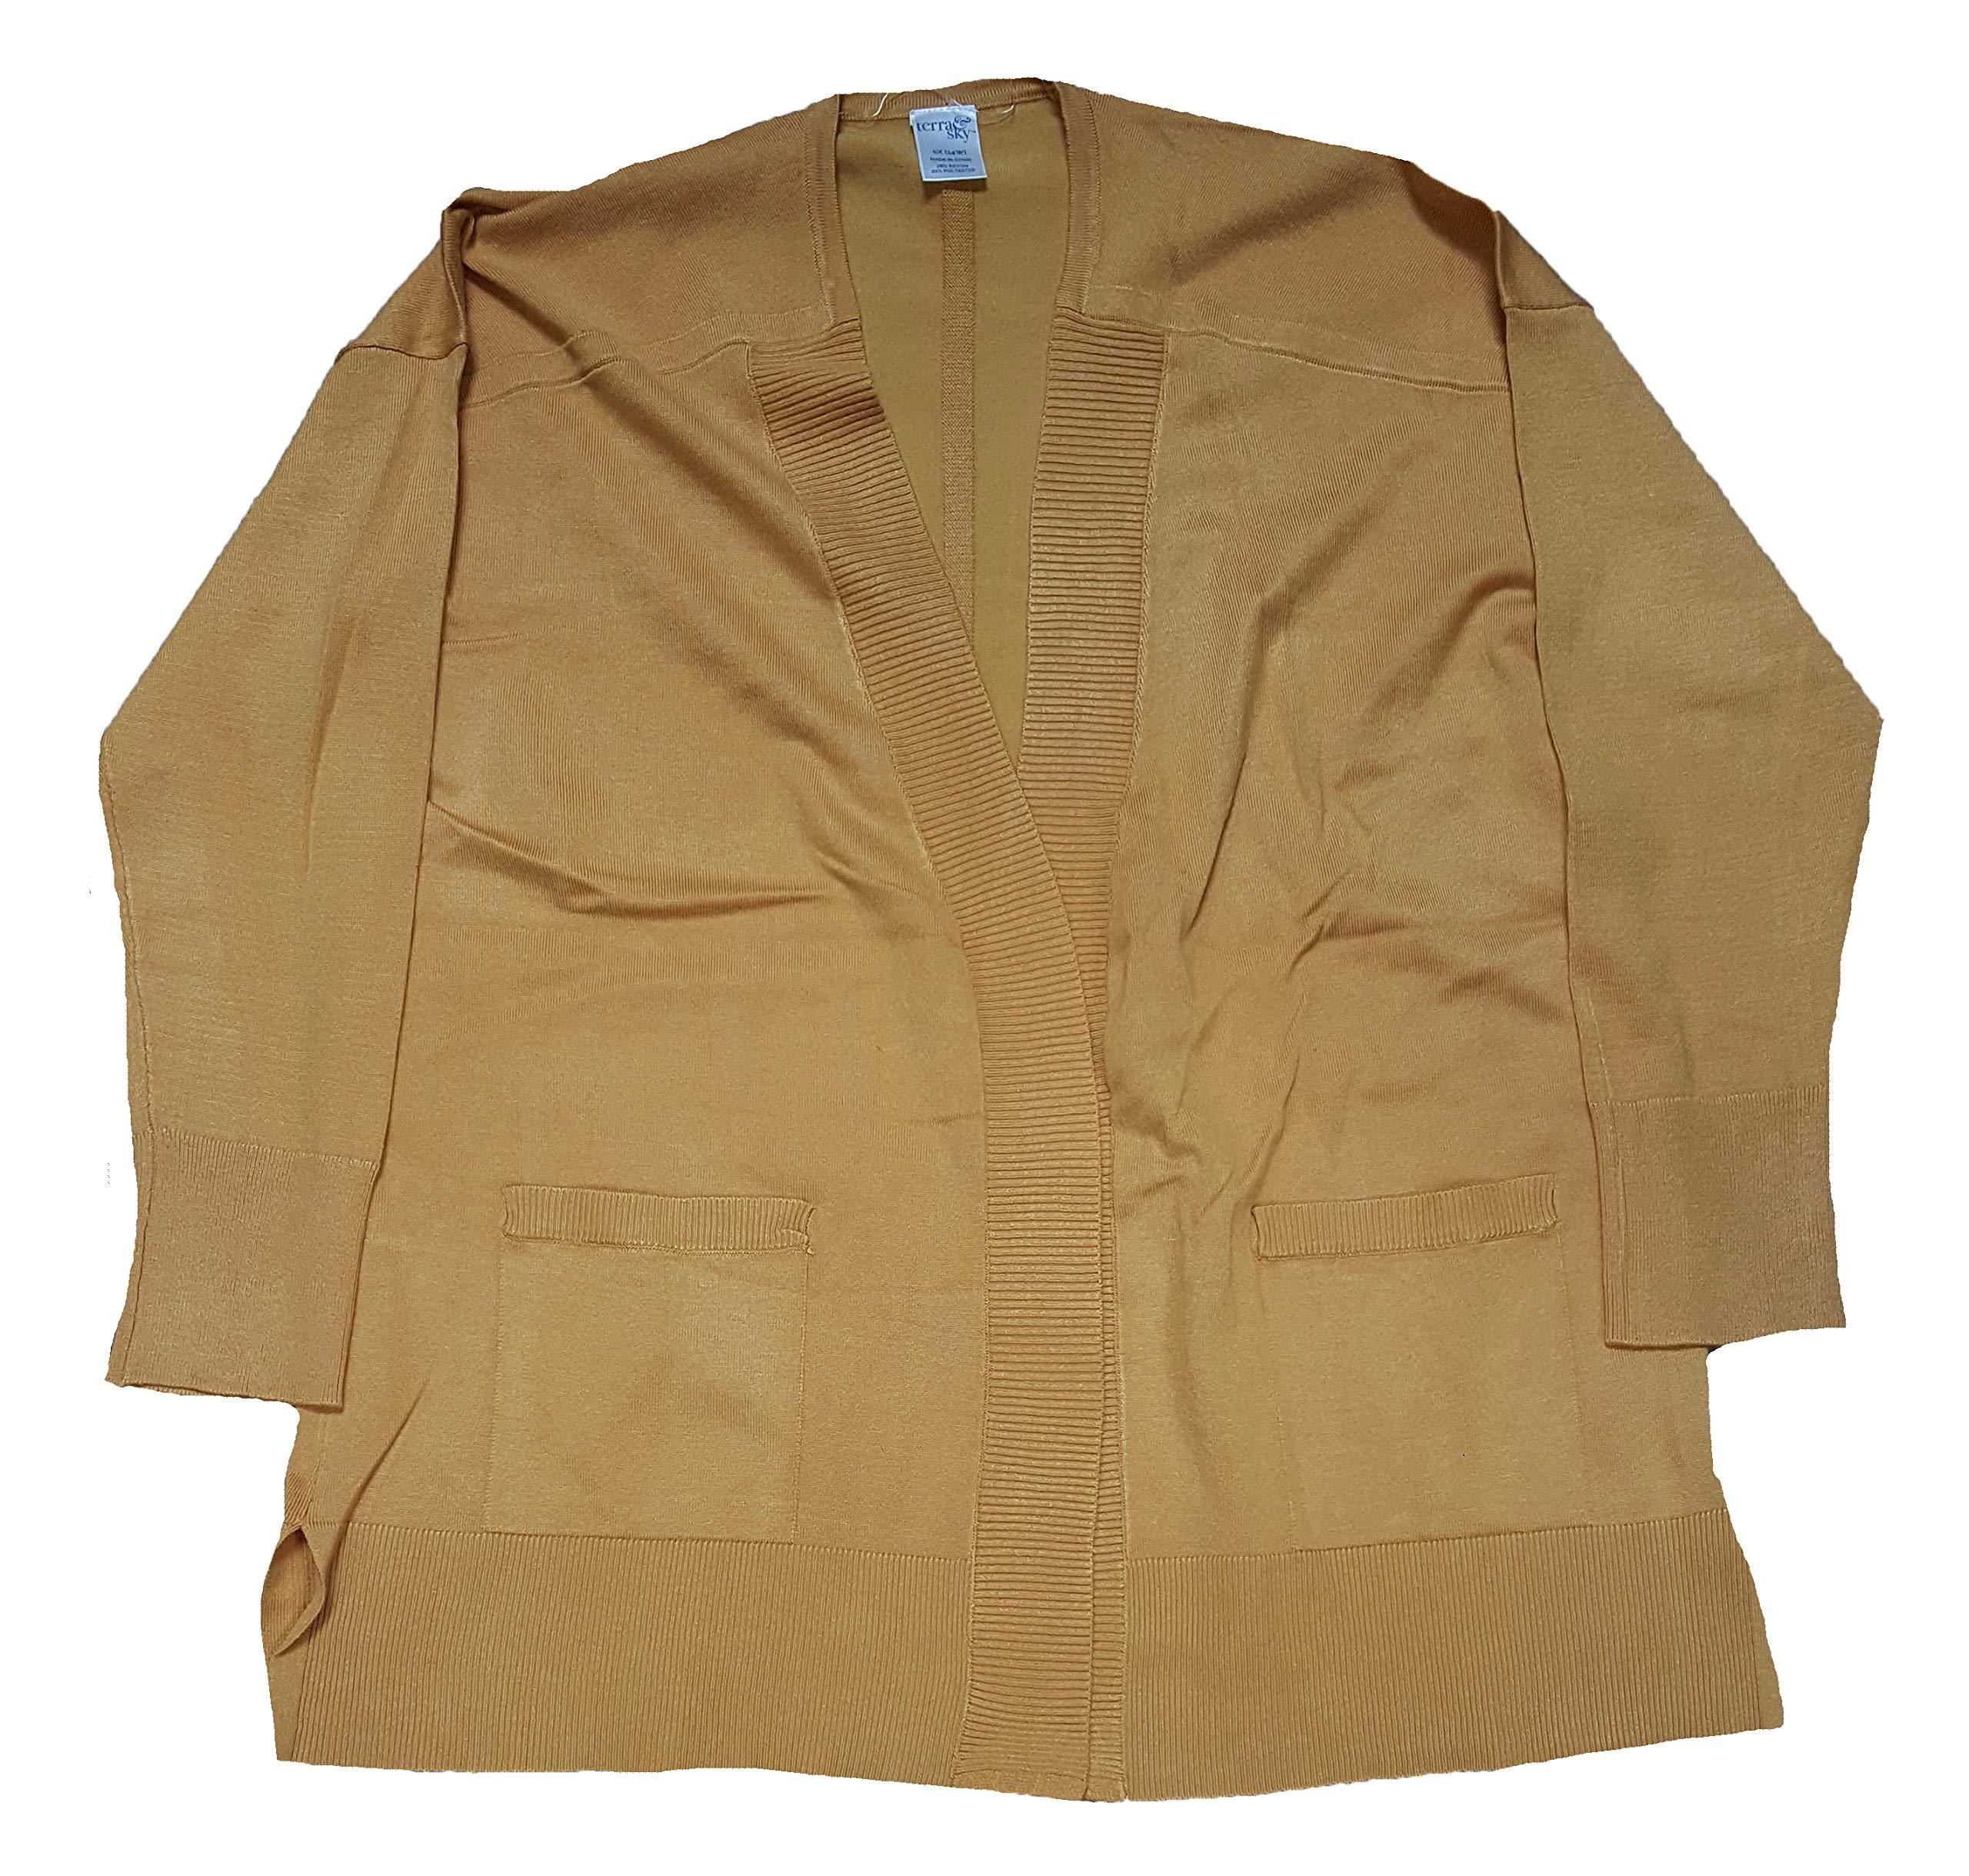 Terra & Sky Women's Plus Size Ochre Harvest Fine Gauge Long Sleeve Cardigan - 0X